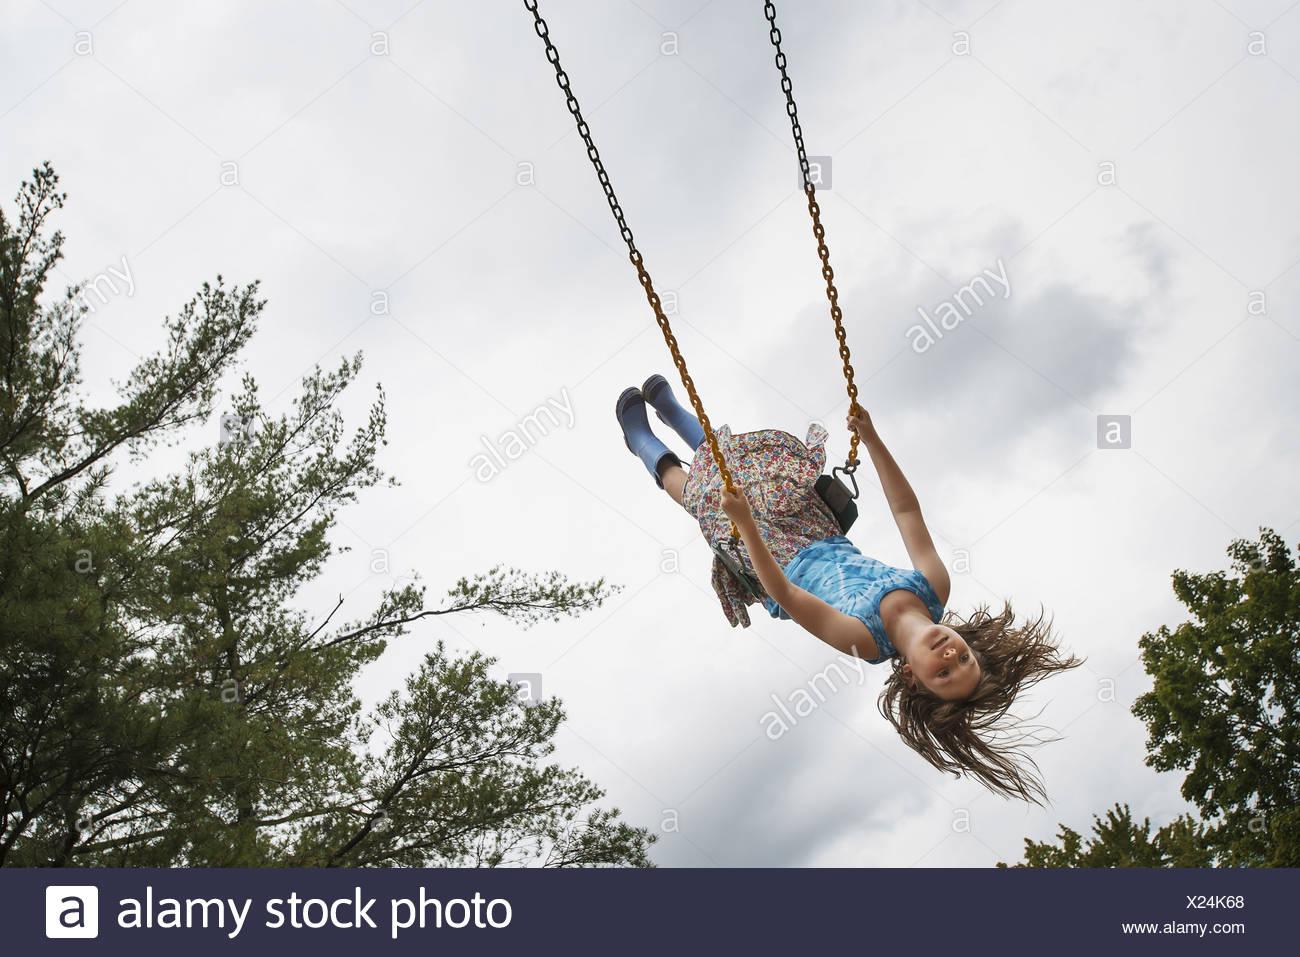 Ein Mädchen auf einem Seil schwingen hoch in die Luft Woodstock New York USA USA Stockbild